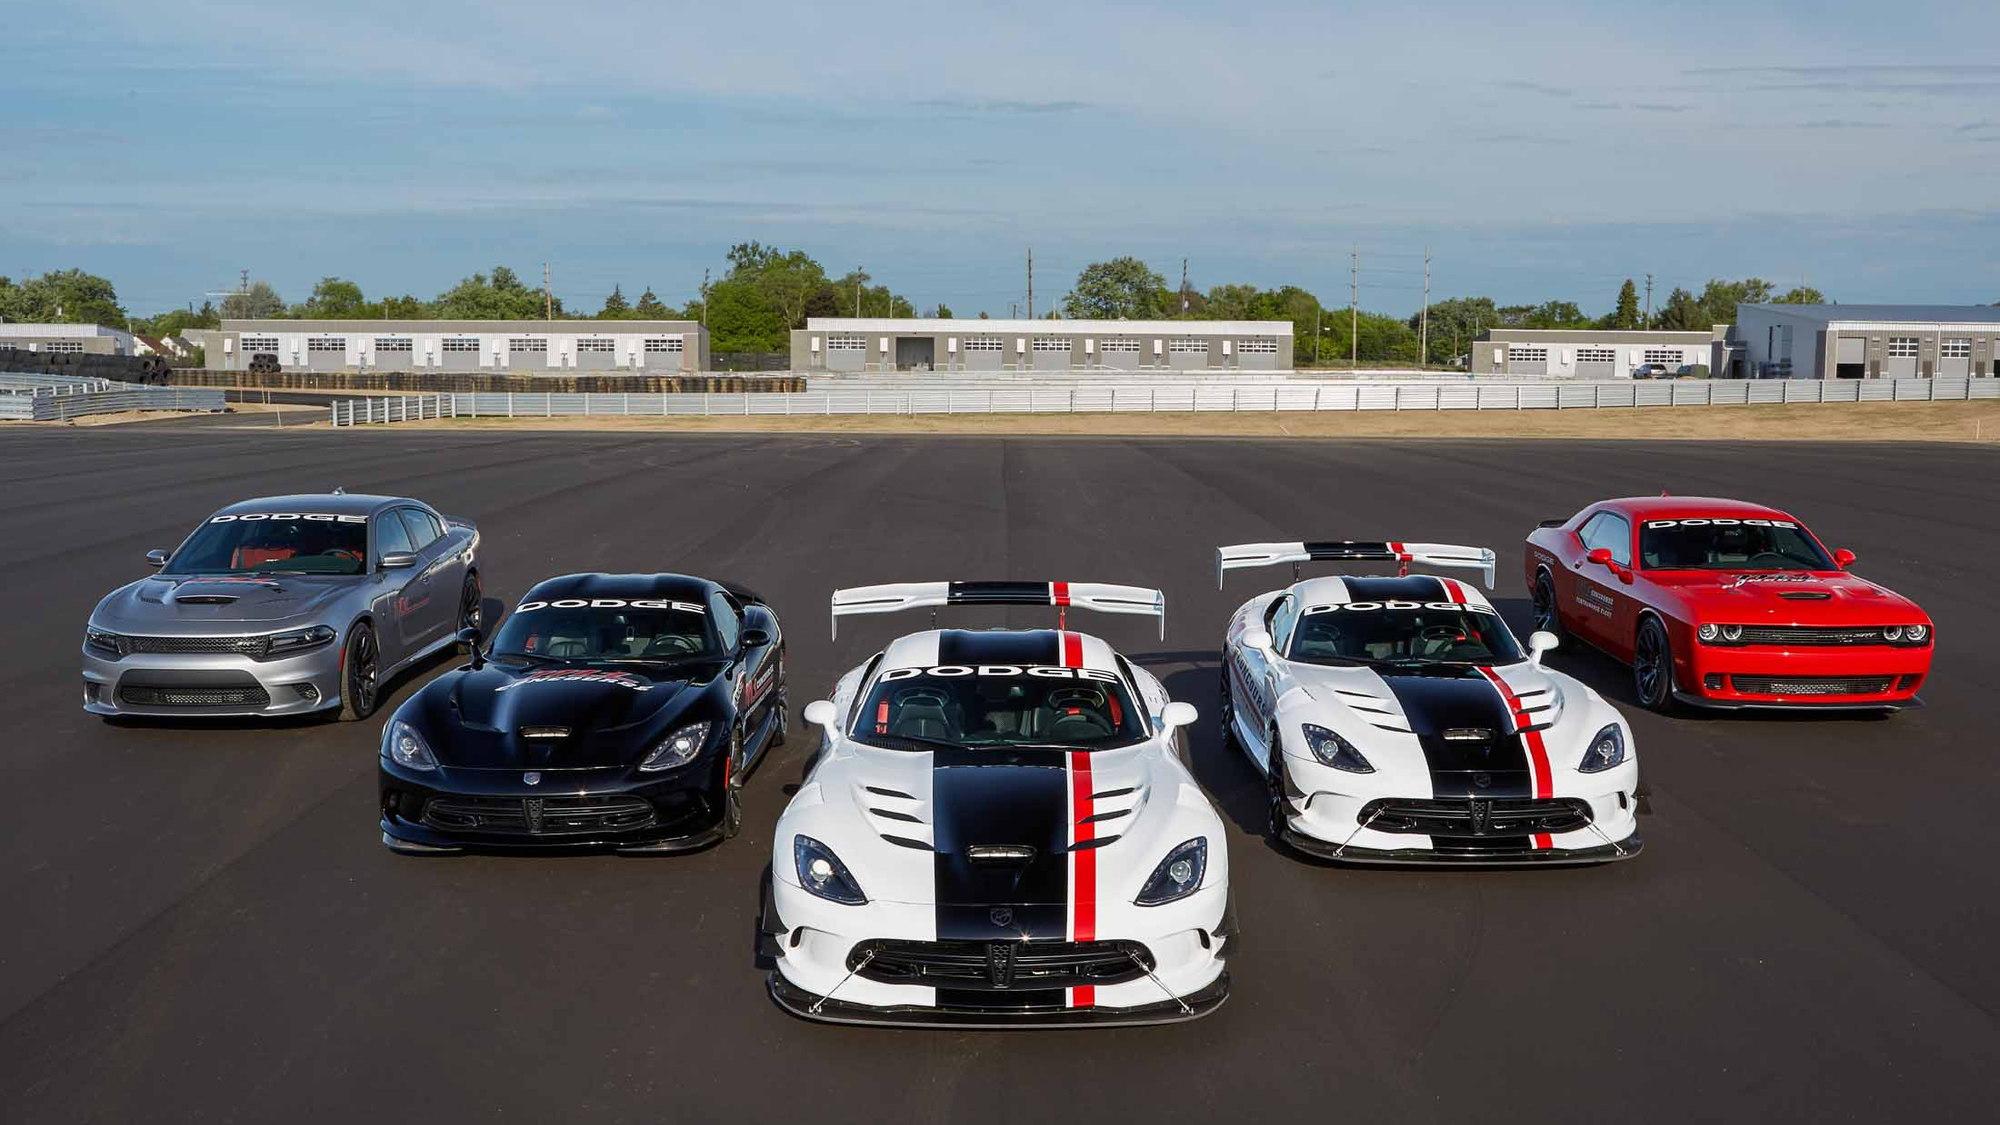 Dodge sponsors M1 Concourse